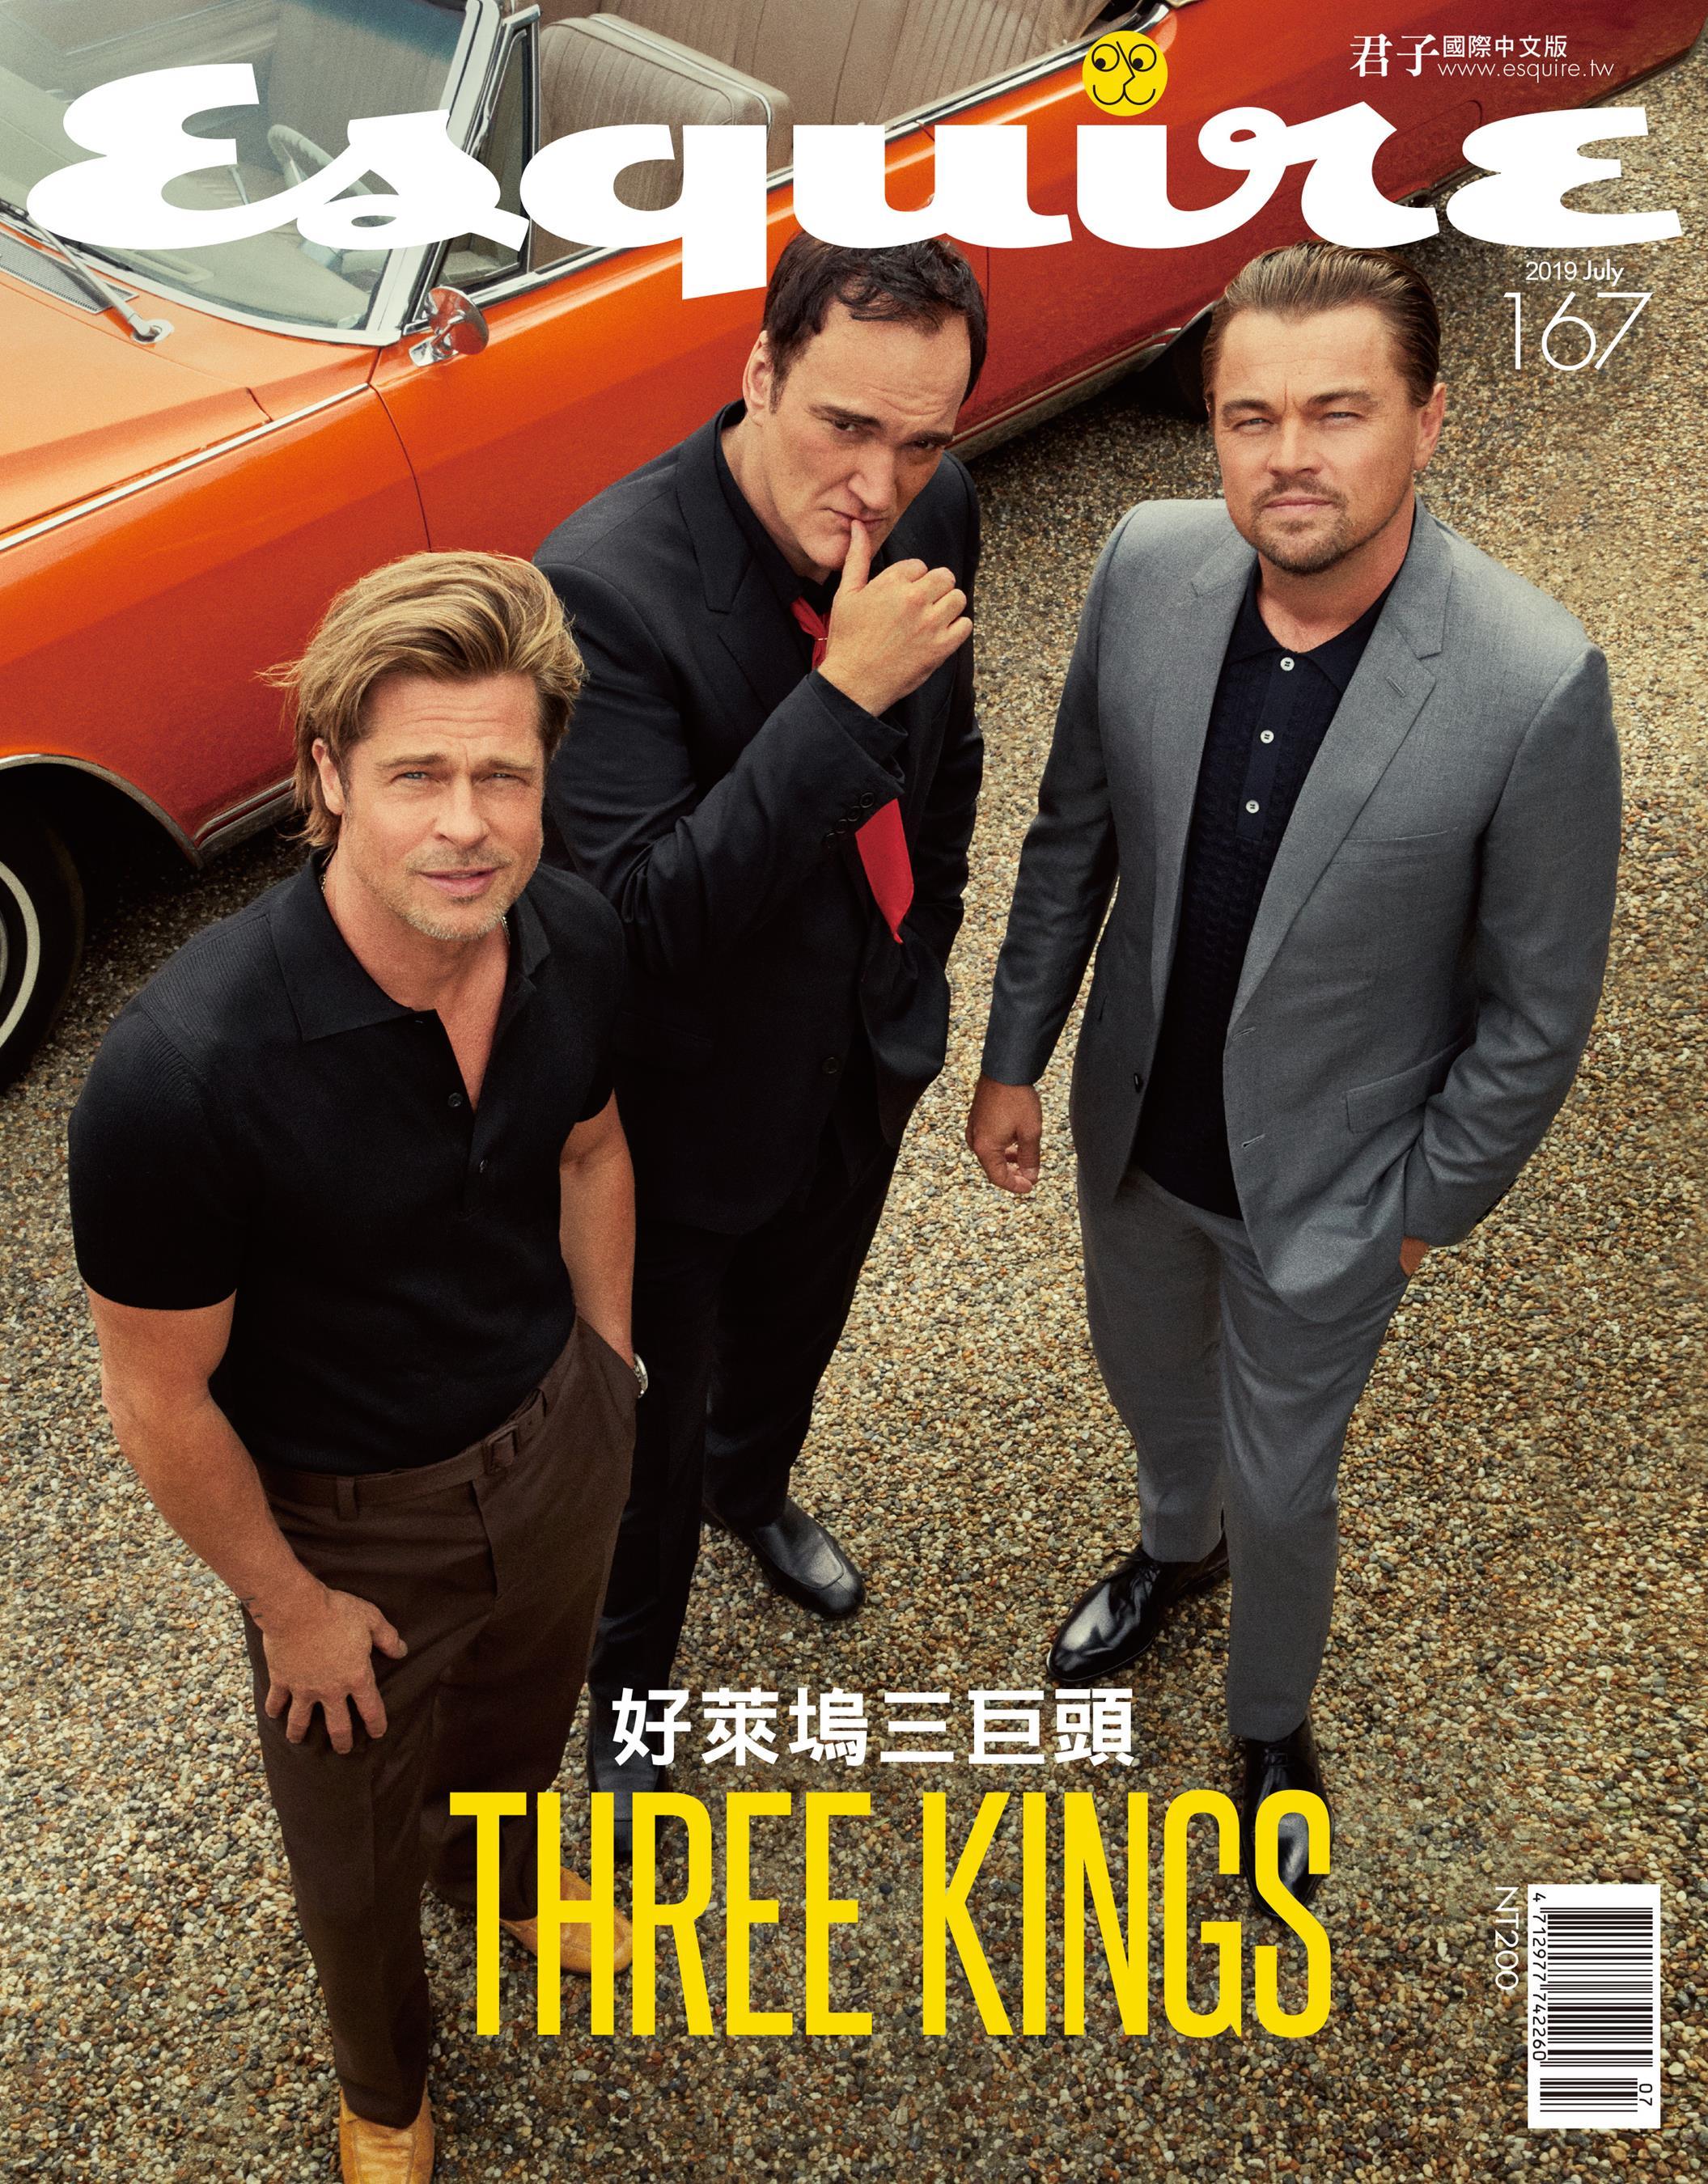 布萊德彼特、李奧納多和昆汀塔倫提諾登上雜誌封面。(圖/双喜電影提供)